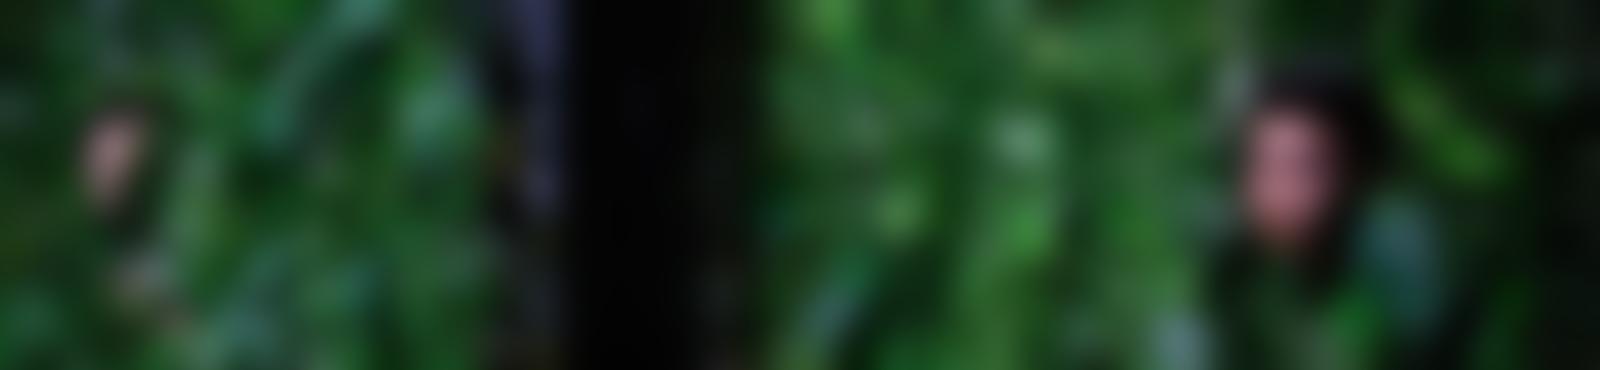 Blurred 9c3e7fab f4de 4375 8e12 dea66735cb7d